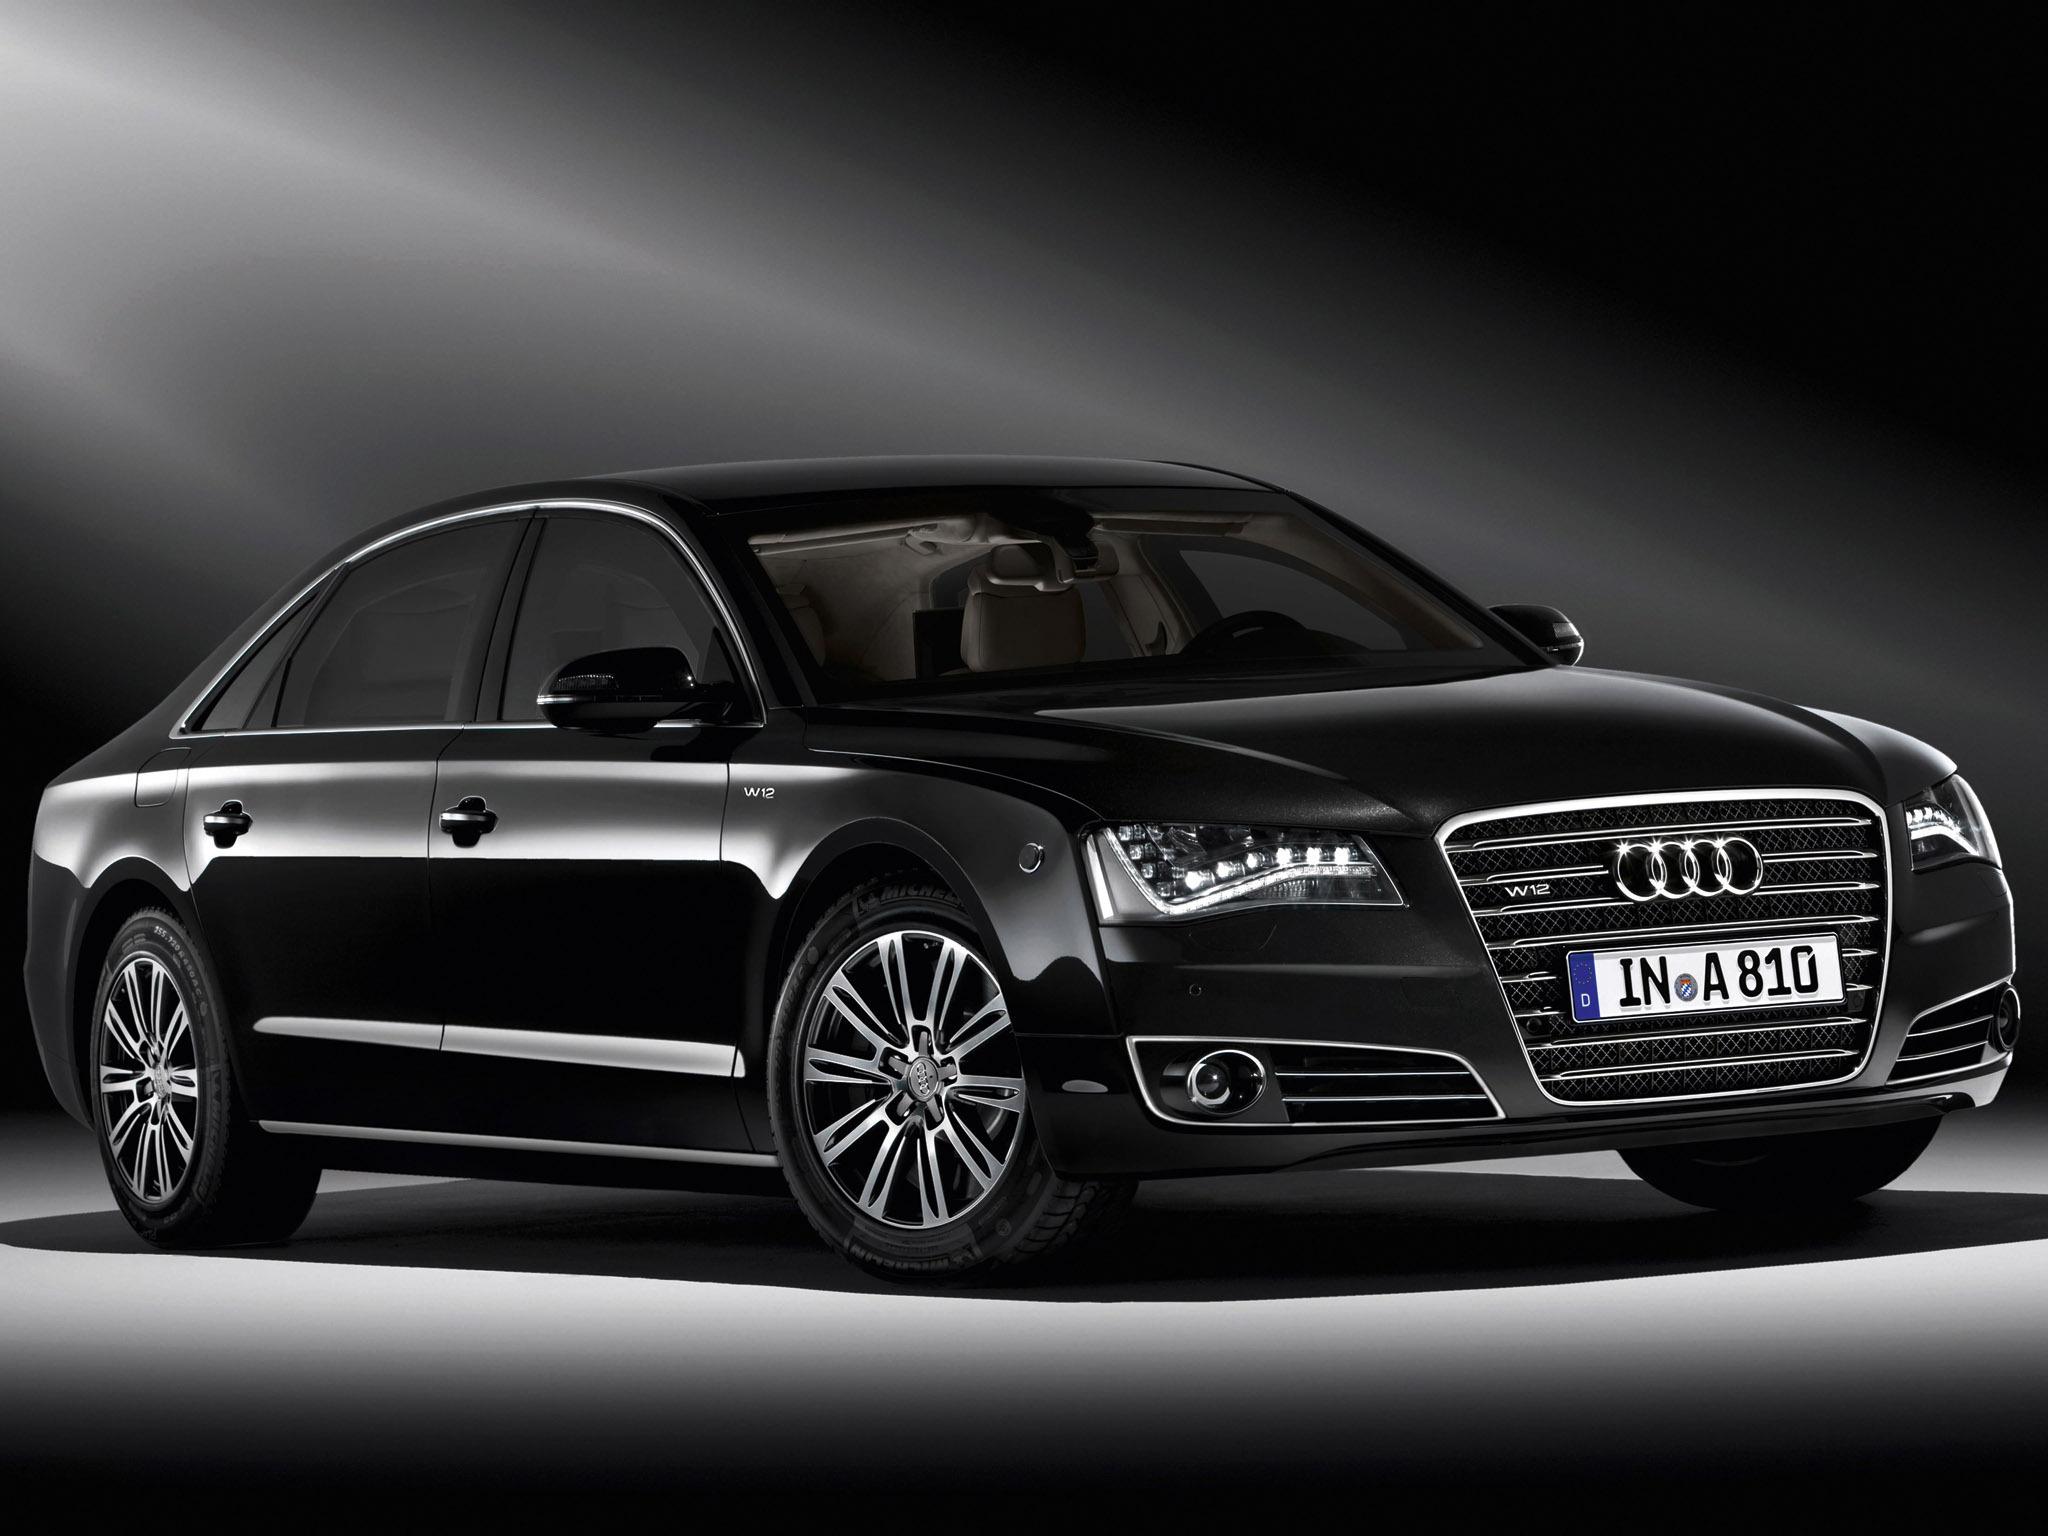 Fondos De Pantalla Audi A8 Coches Descargar Imagenes